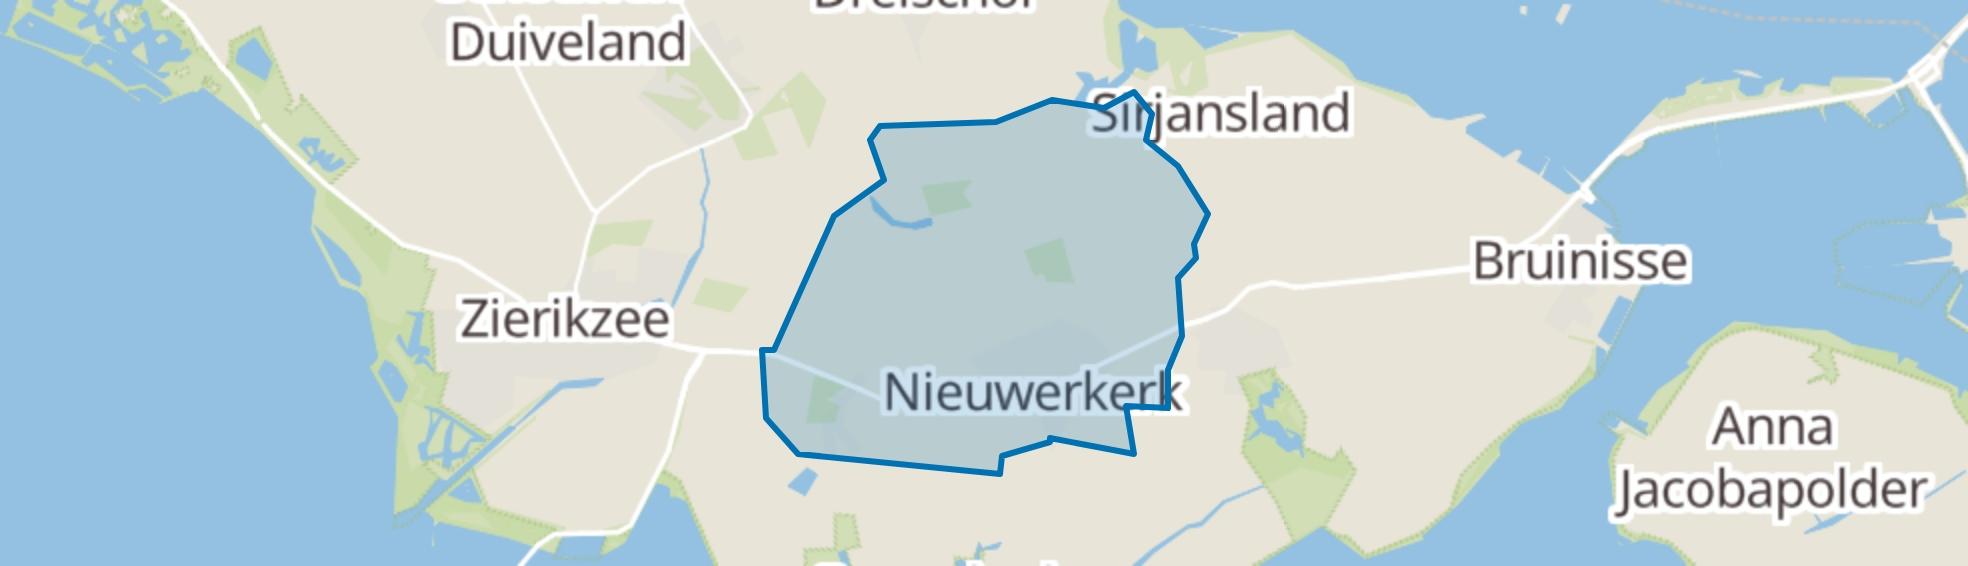 Nieuwerkerk map